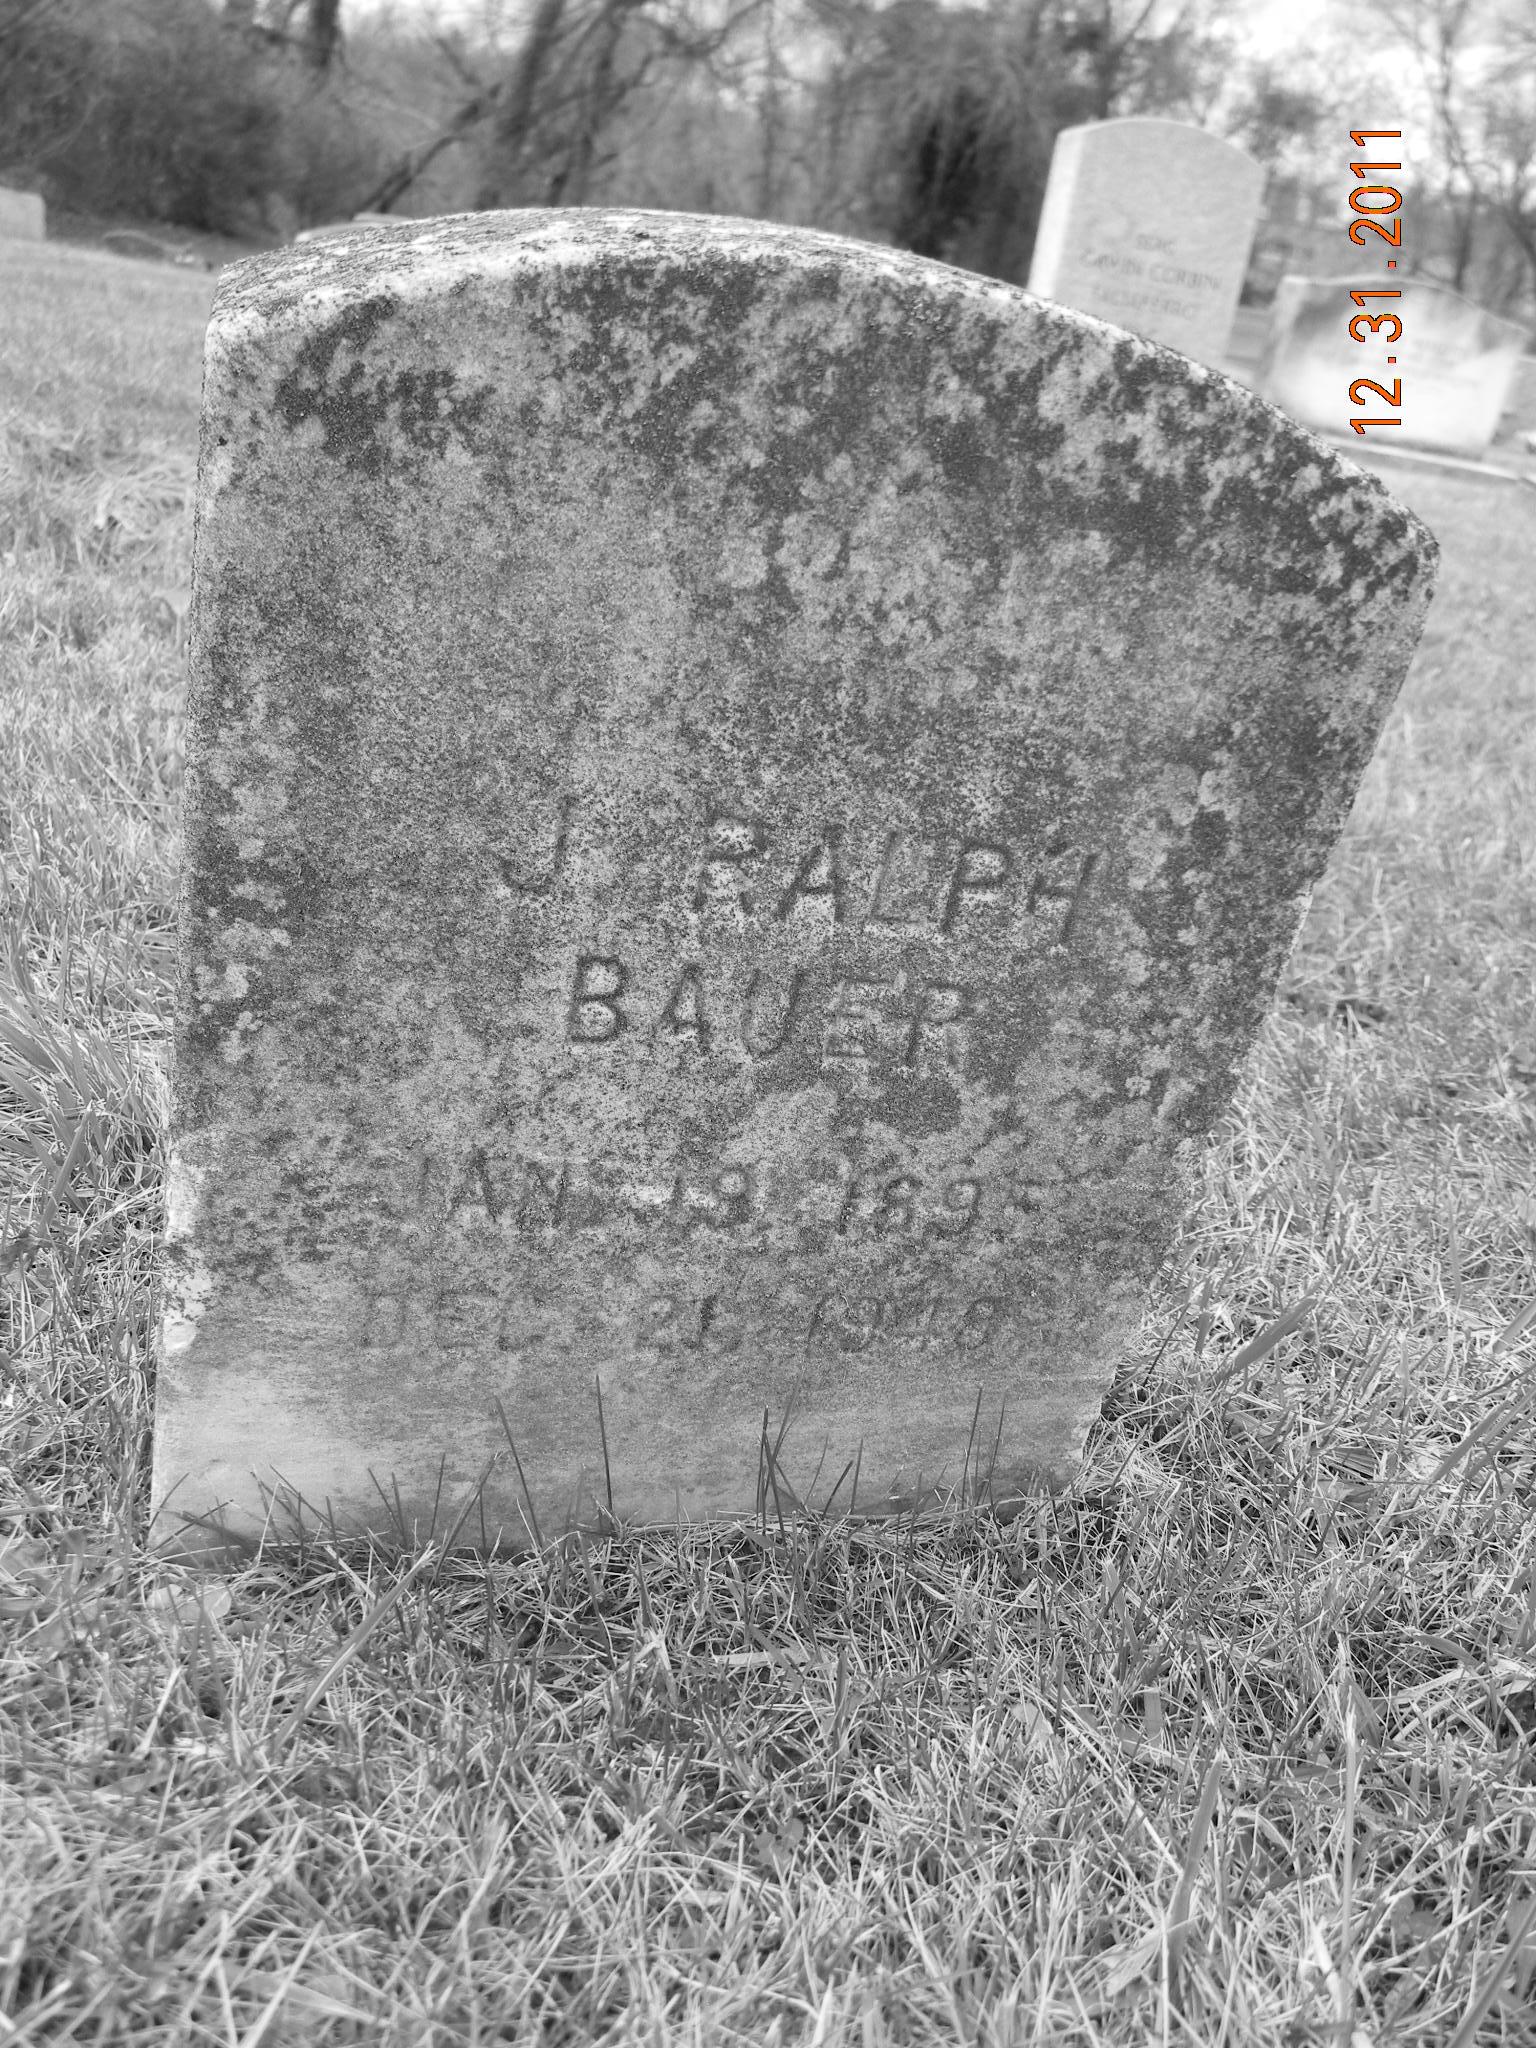 Ralph Norman Bauer